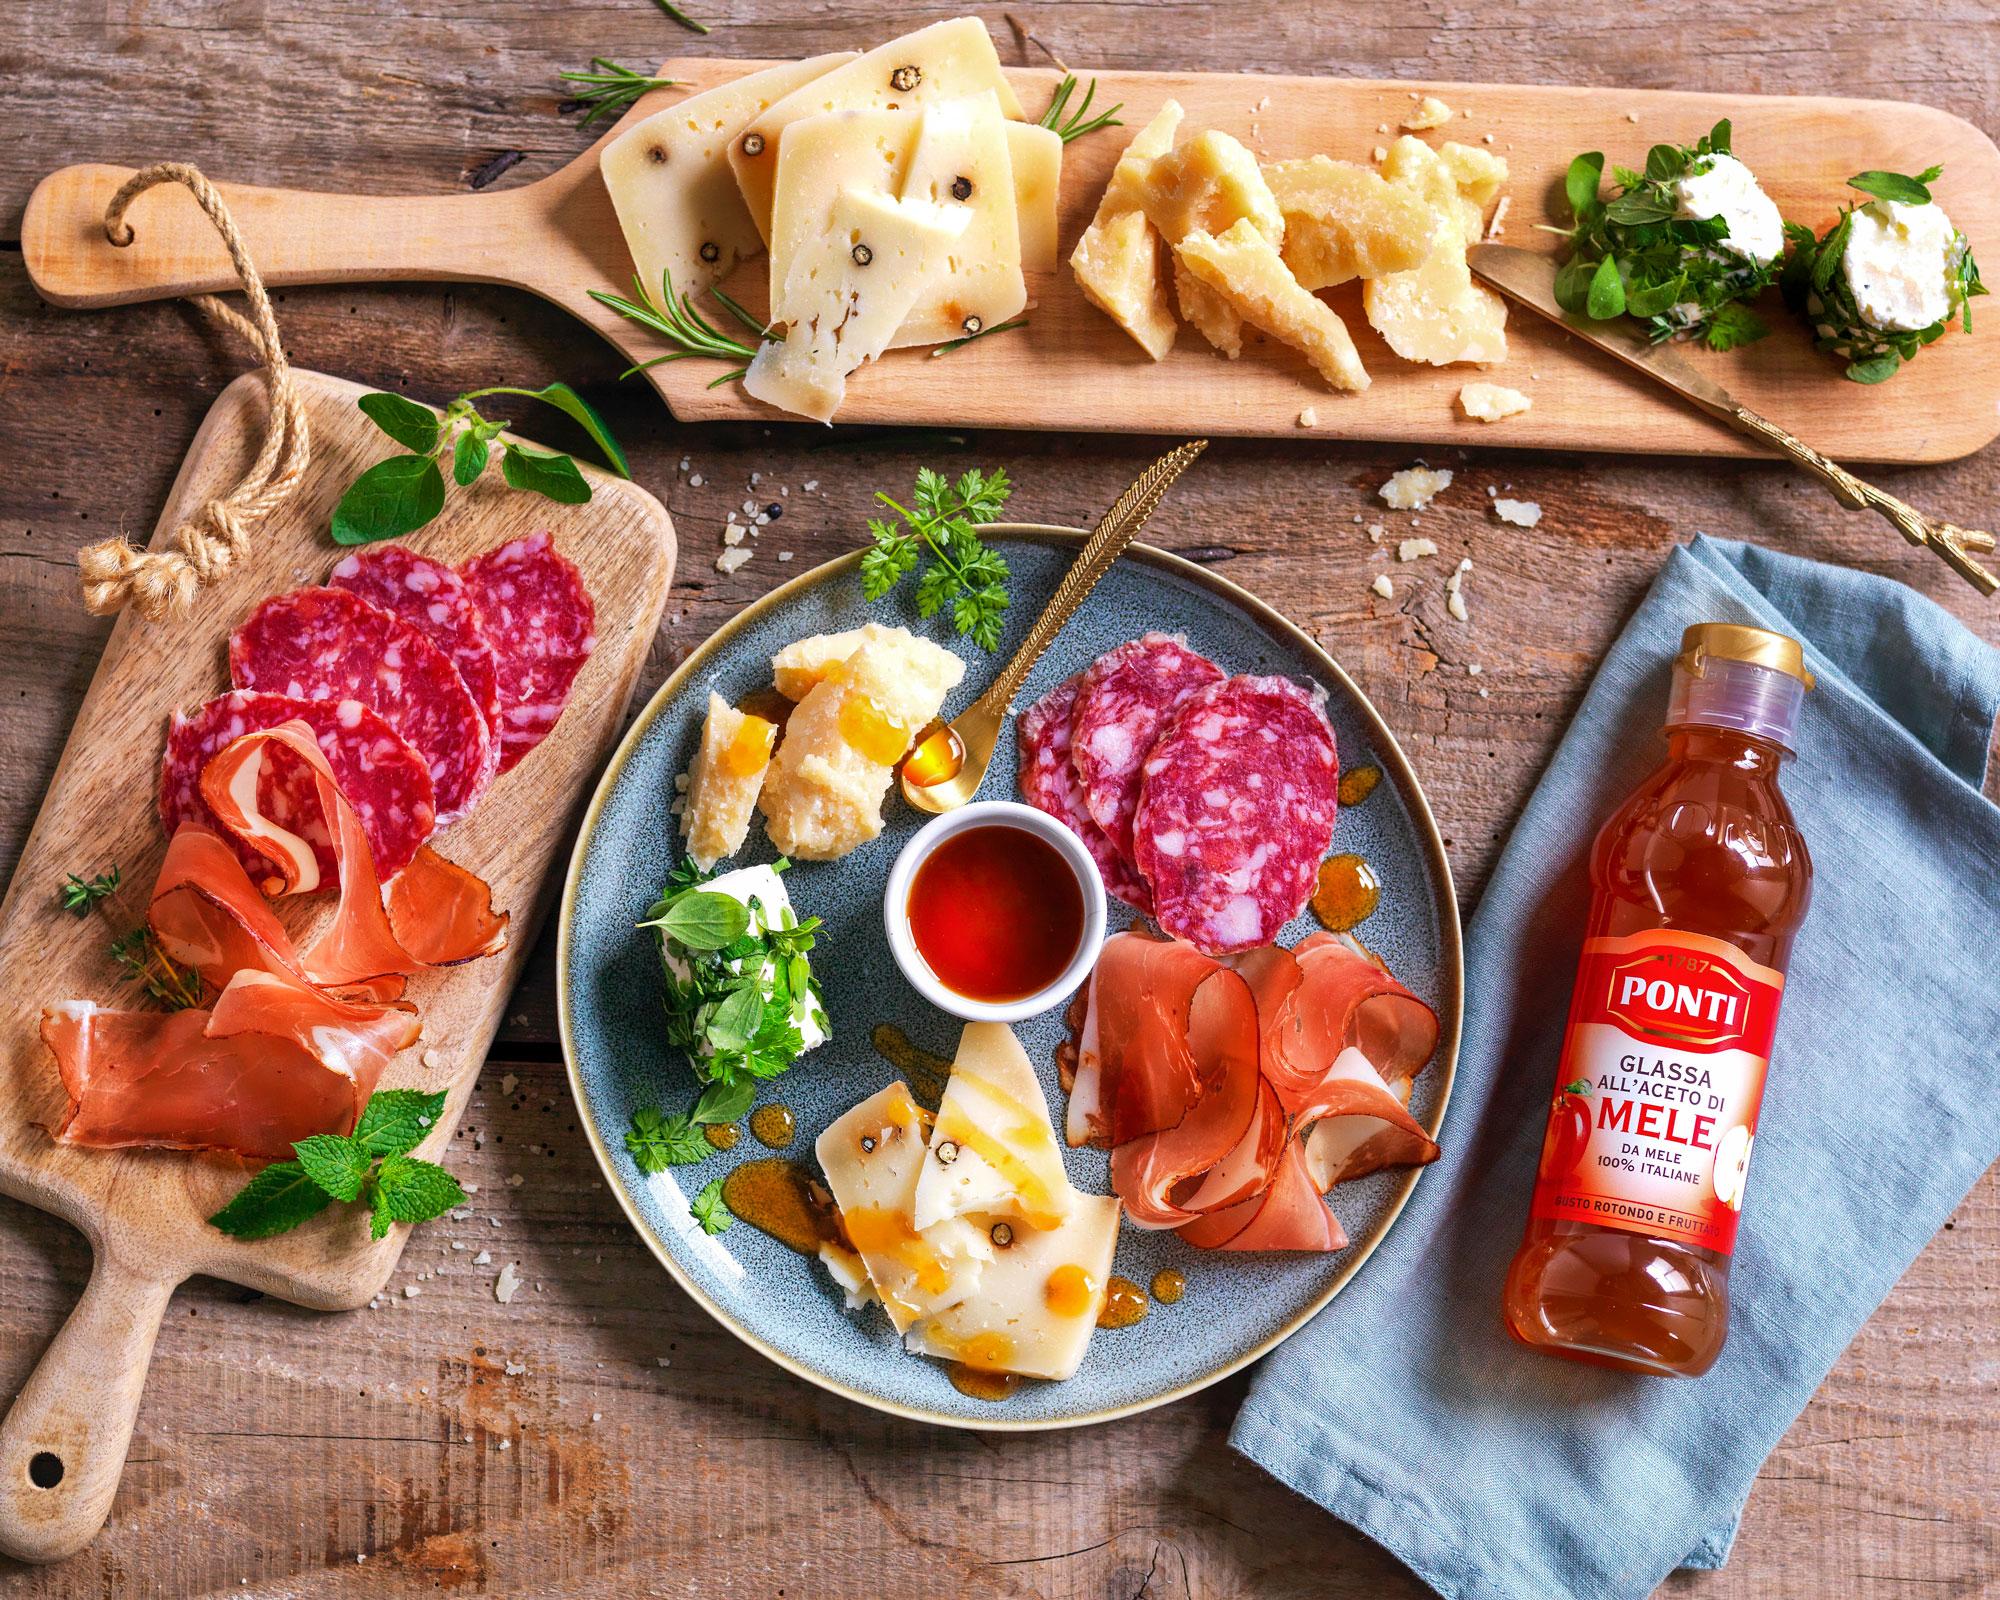 Tagliere: Caciotta al pepe, Parmigiano 24 mesi, Caprino alle erbe, Speck e Salame Felino - Ponti